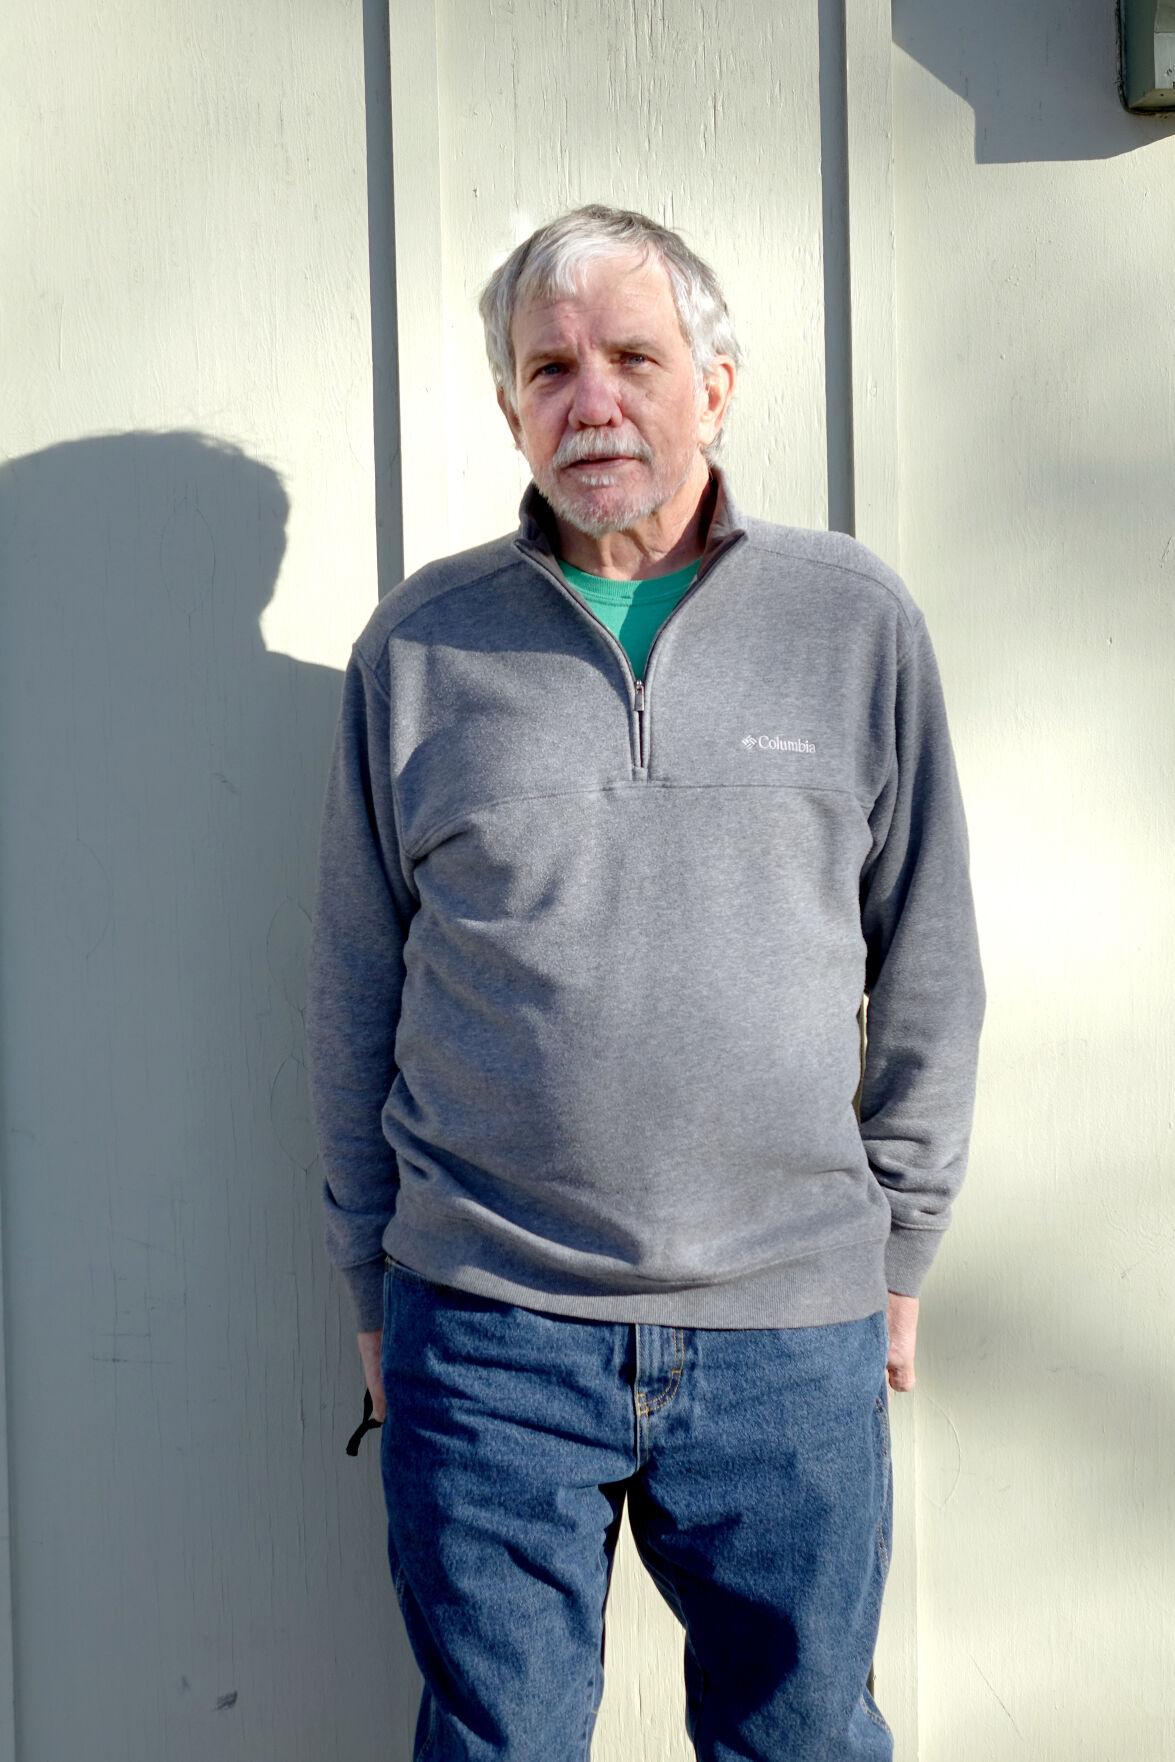 John Brady stands near the Katy Trail in Rocheport